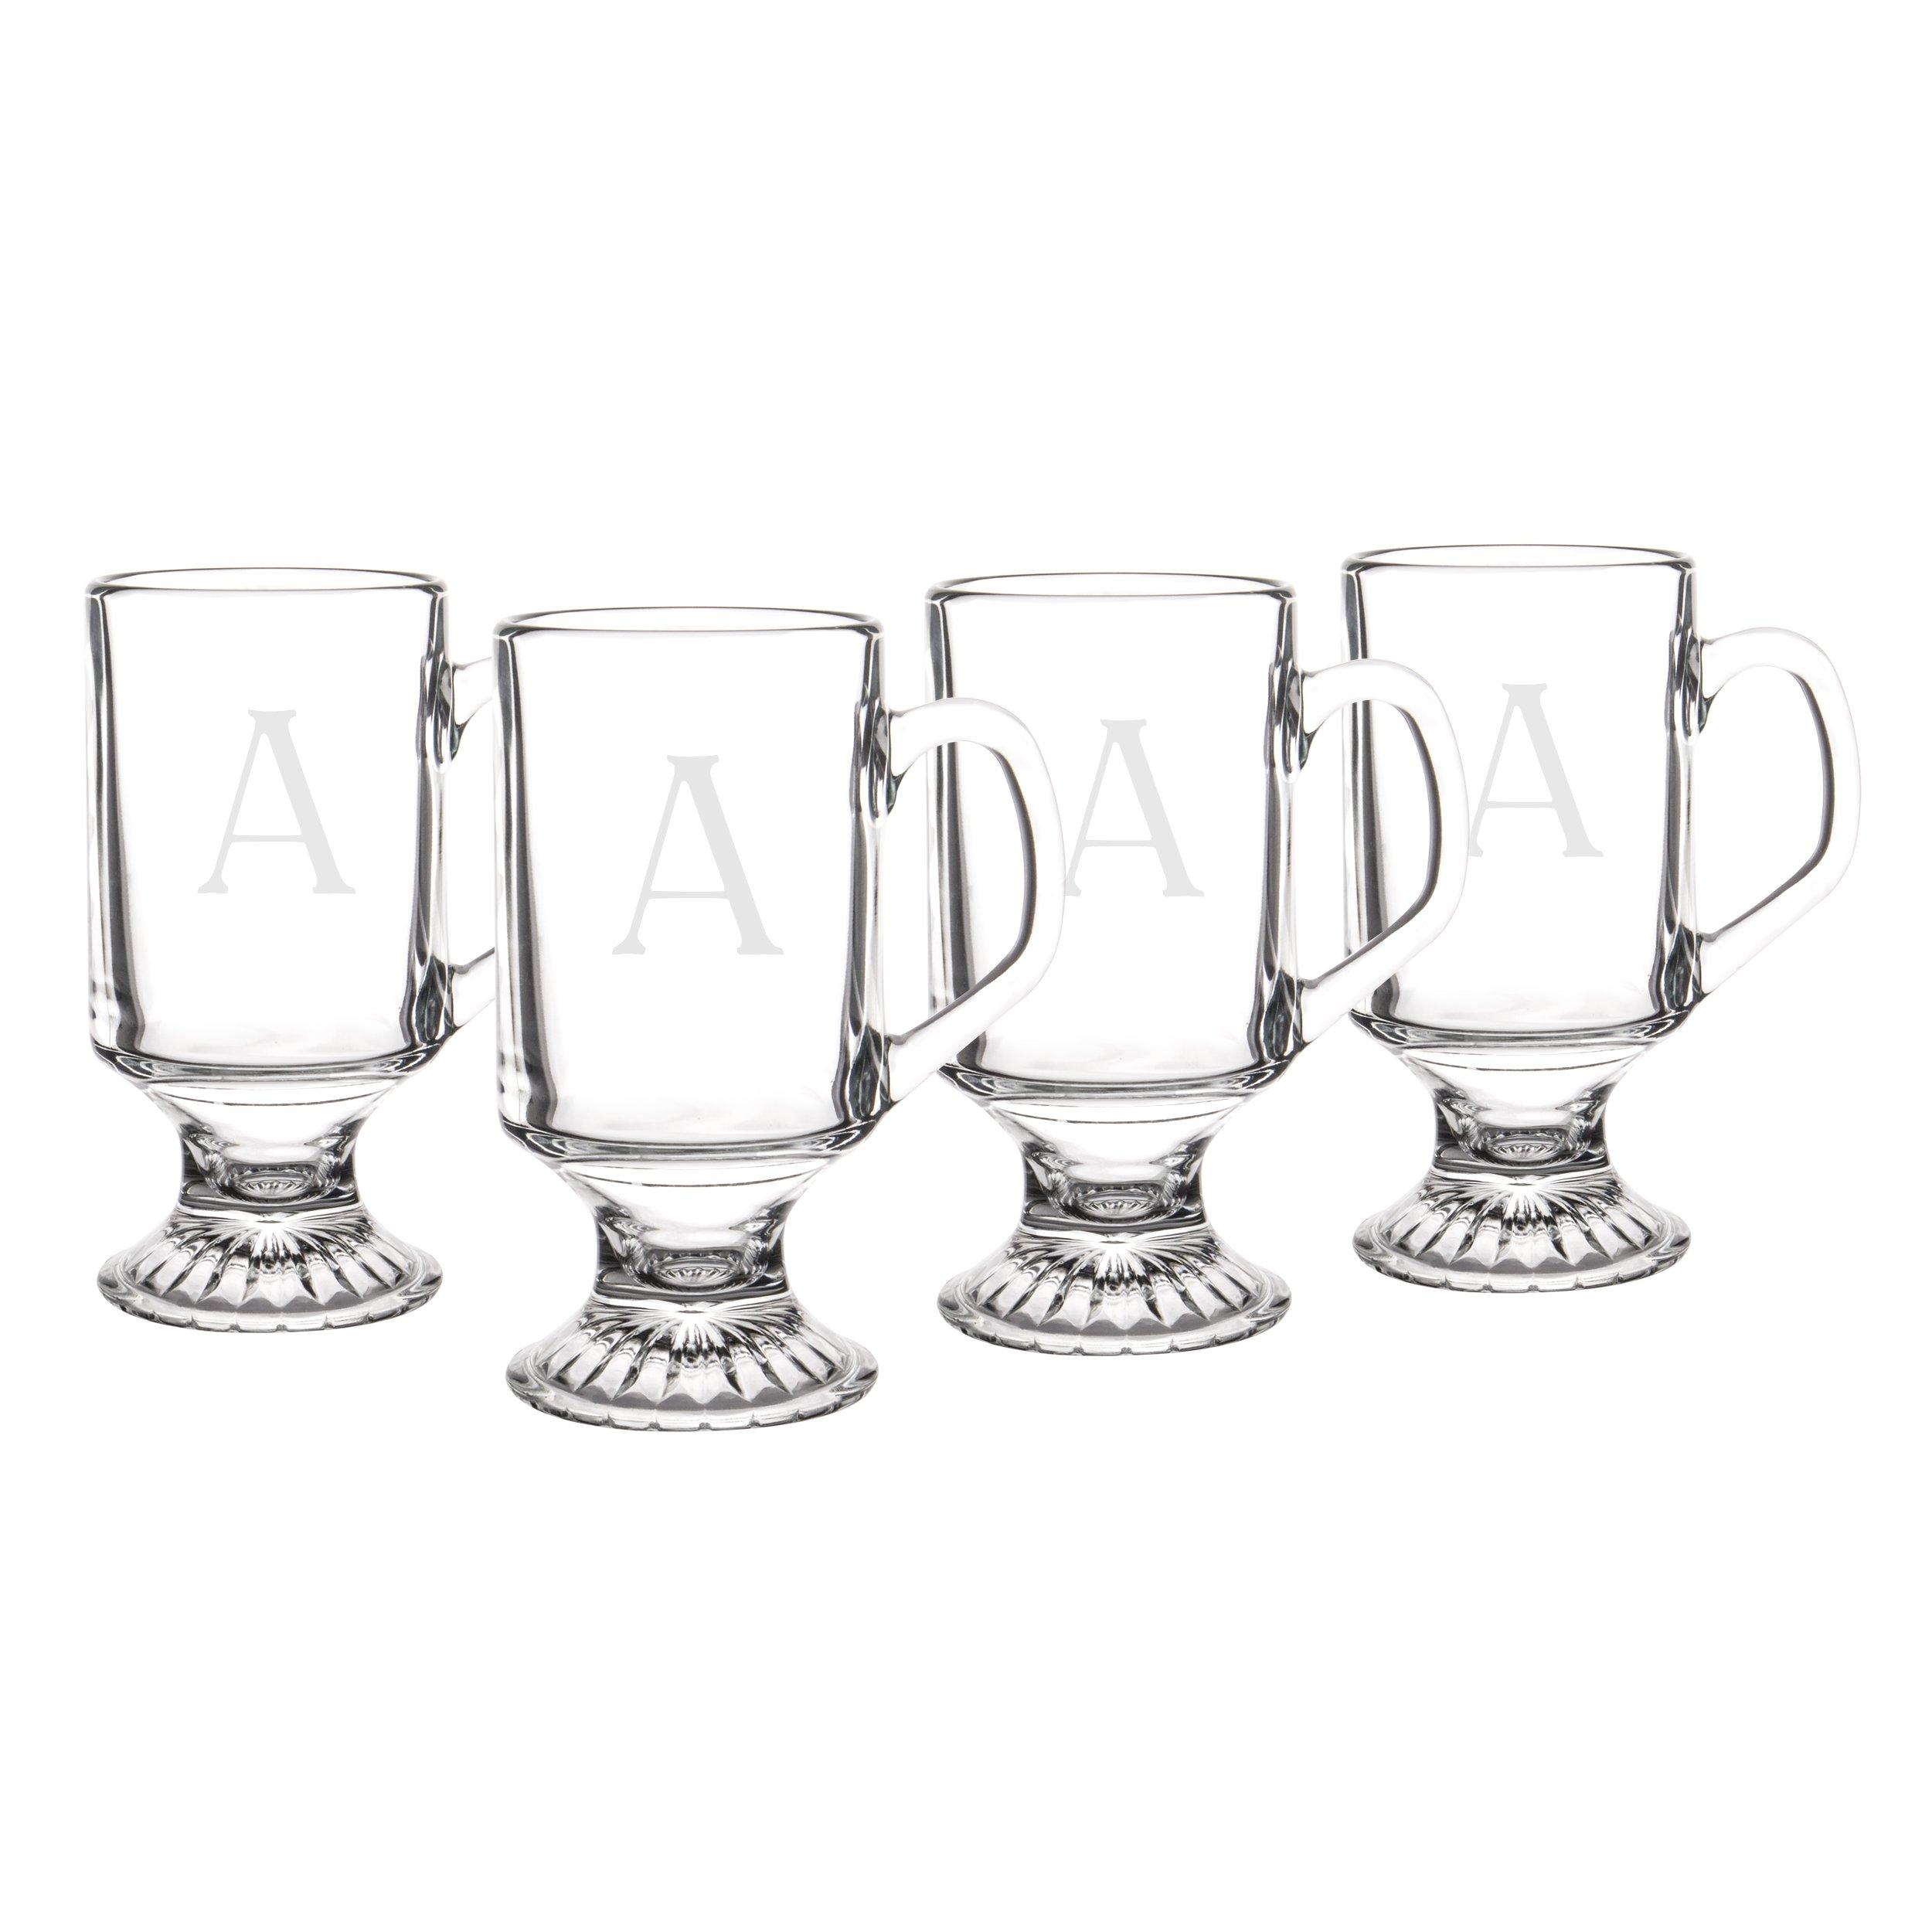 Personalized Irish Glass Coffee Mugs, Set of 4, Letter A